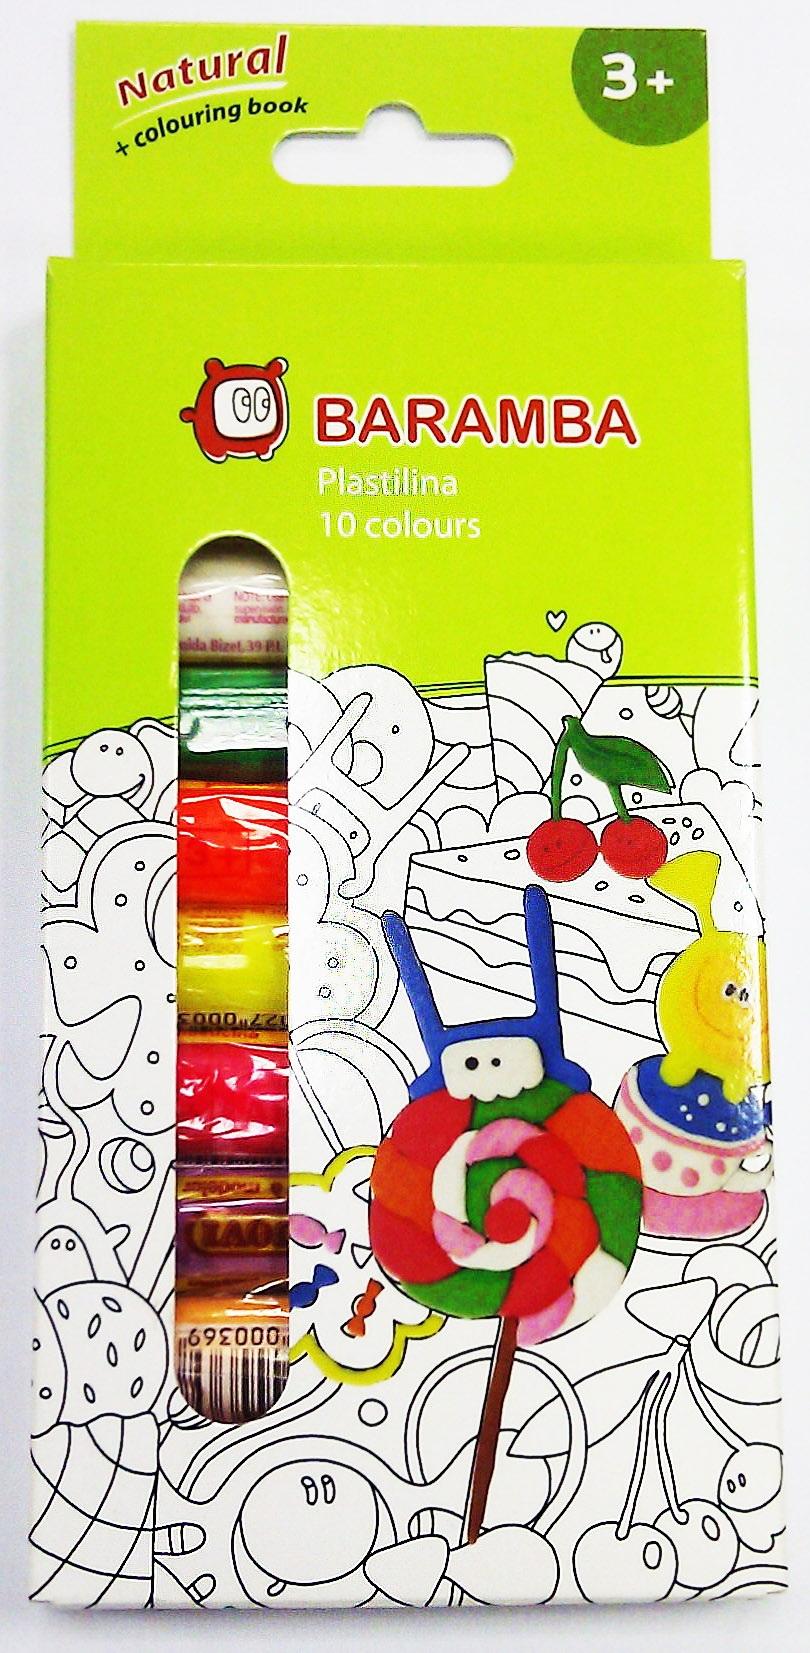 Пластилин Baramba С раскраской 10 шт 14 г в картонной коробке ручки и карандаши baramba треугольные в картонной коробке 13шт вкладыш раскраска